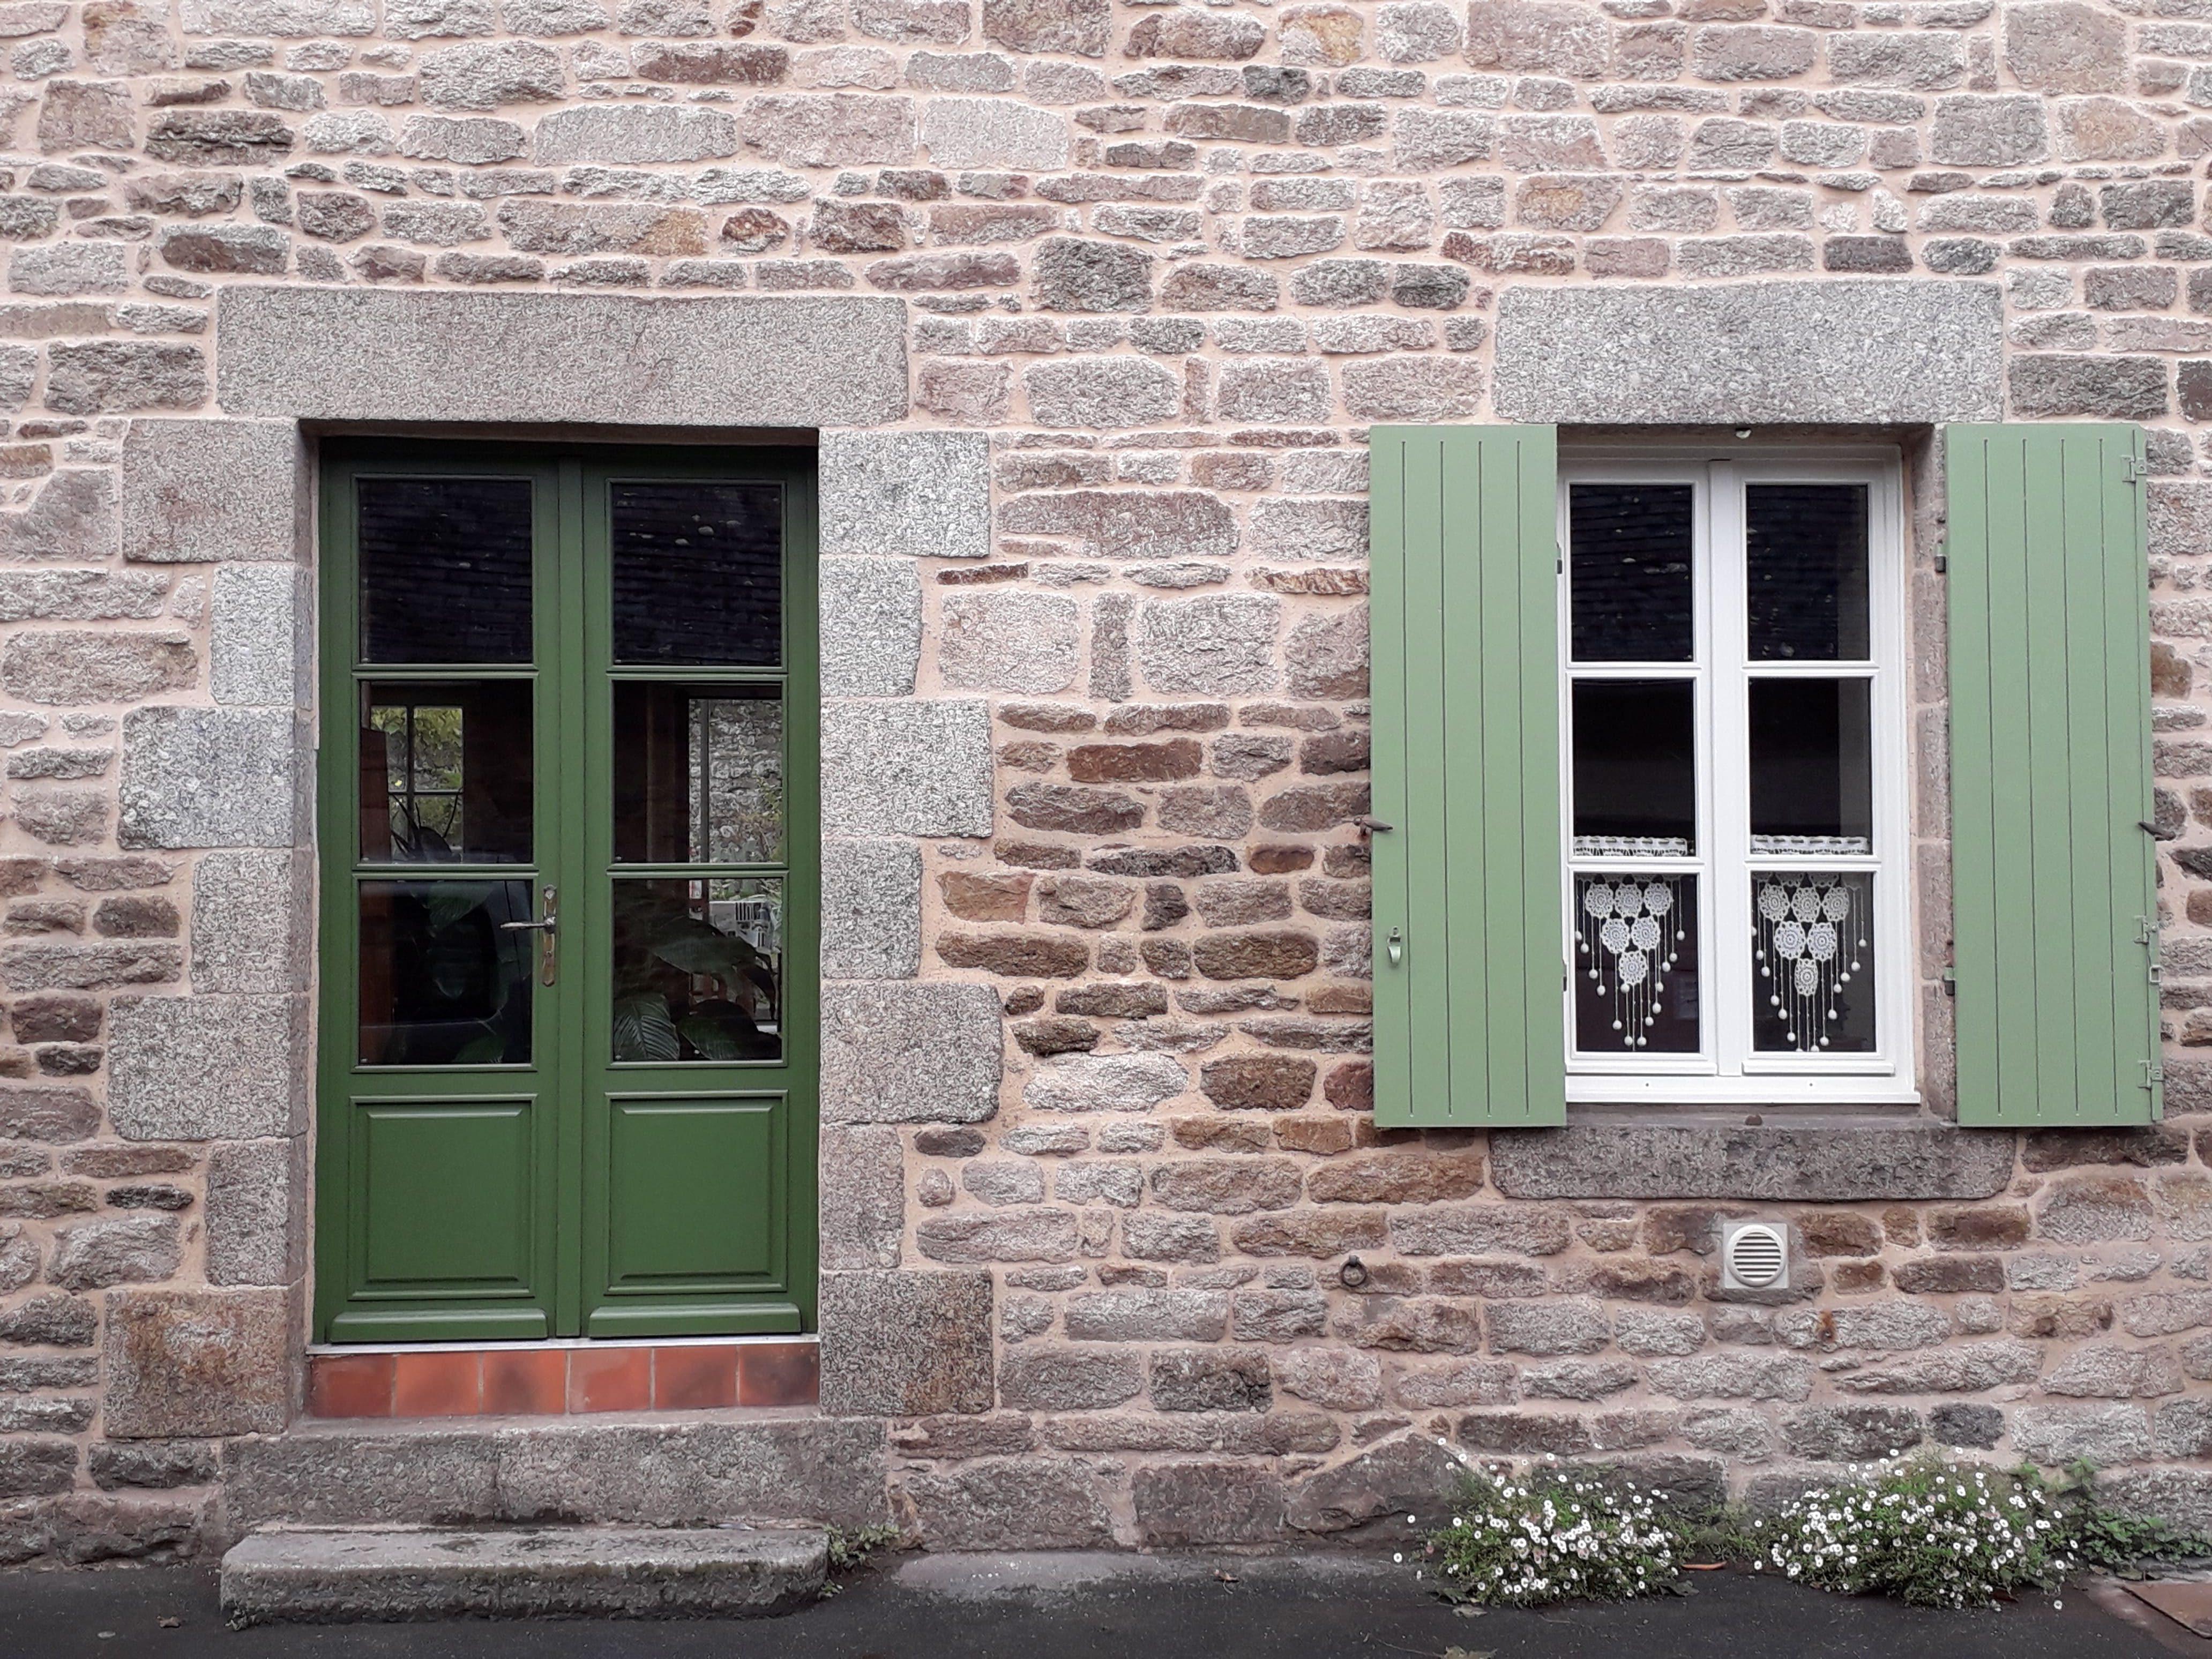 fenêtres et volets verts APRES, Quintin, déco peinture